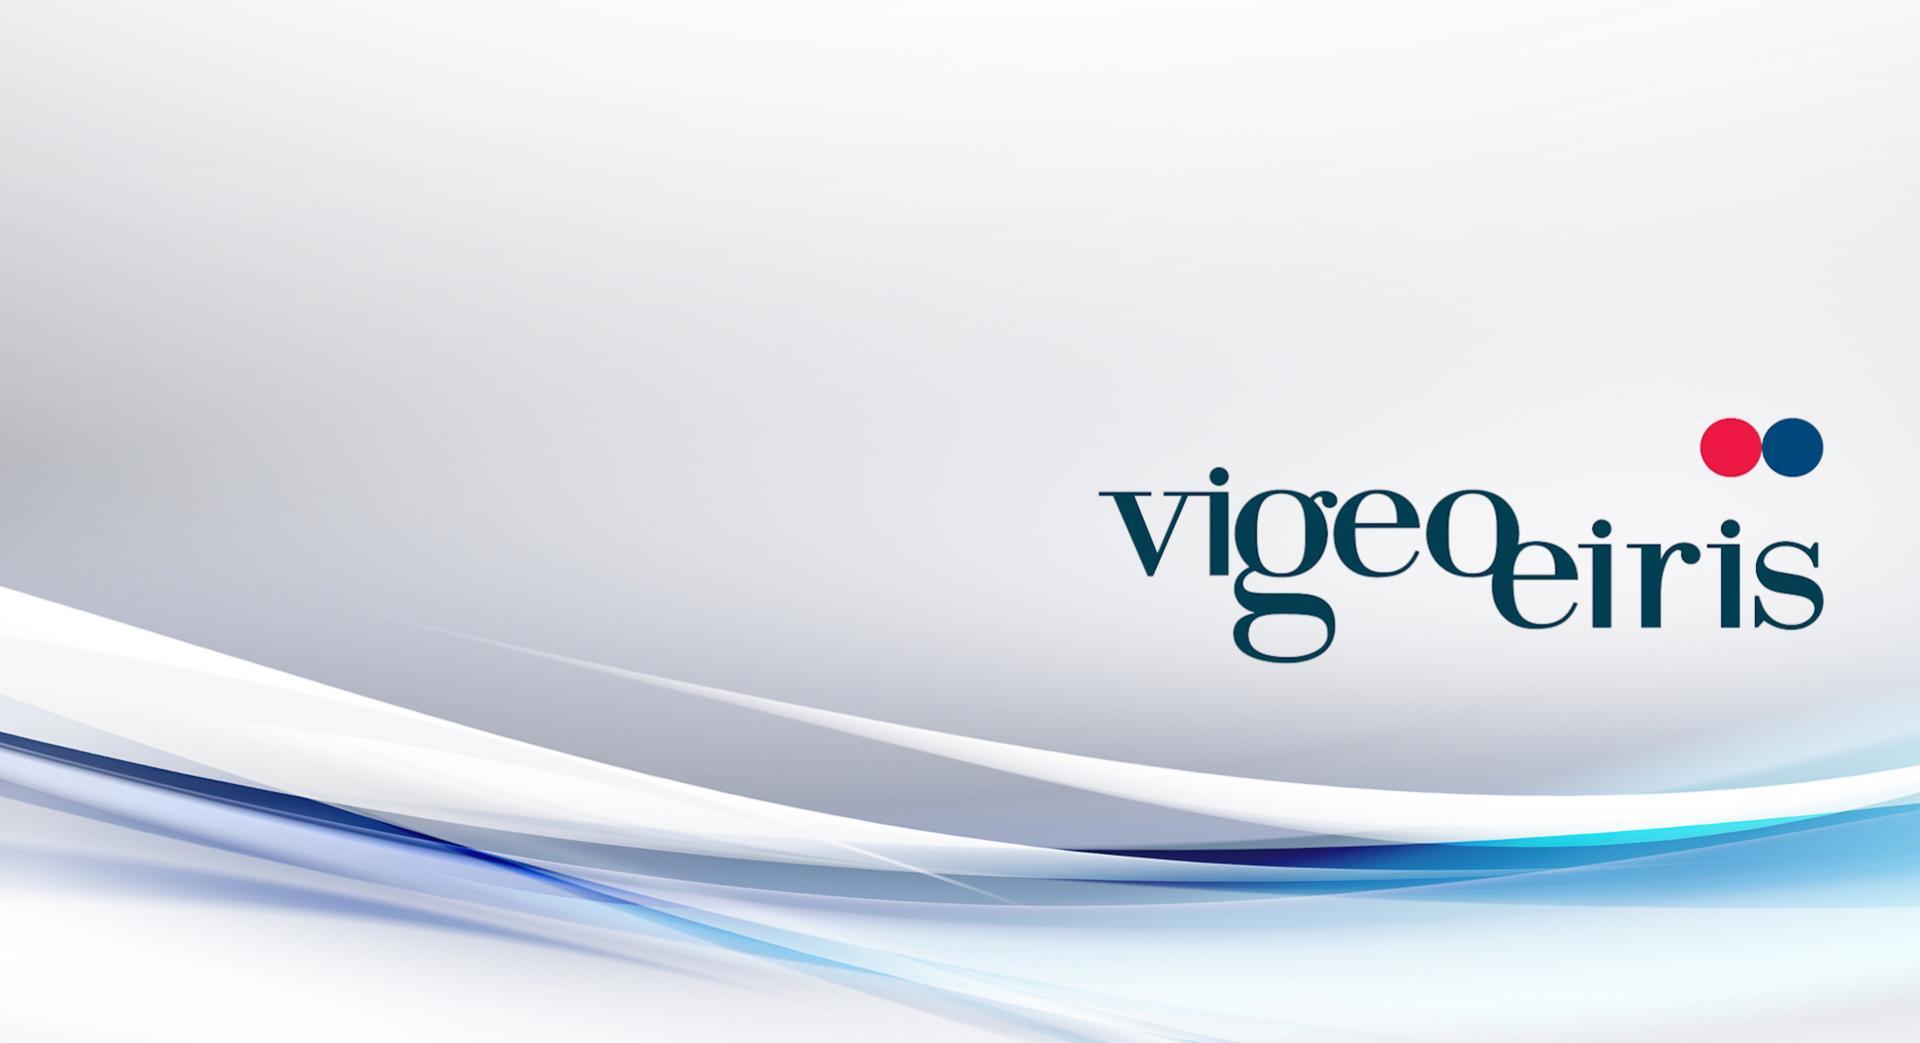 Vigeo Eiris